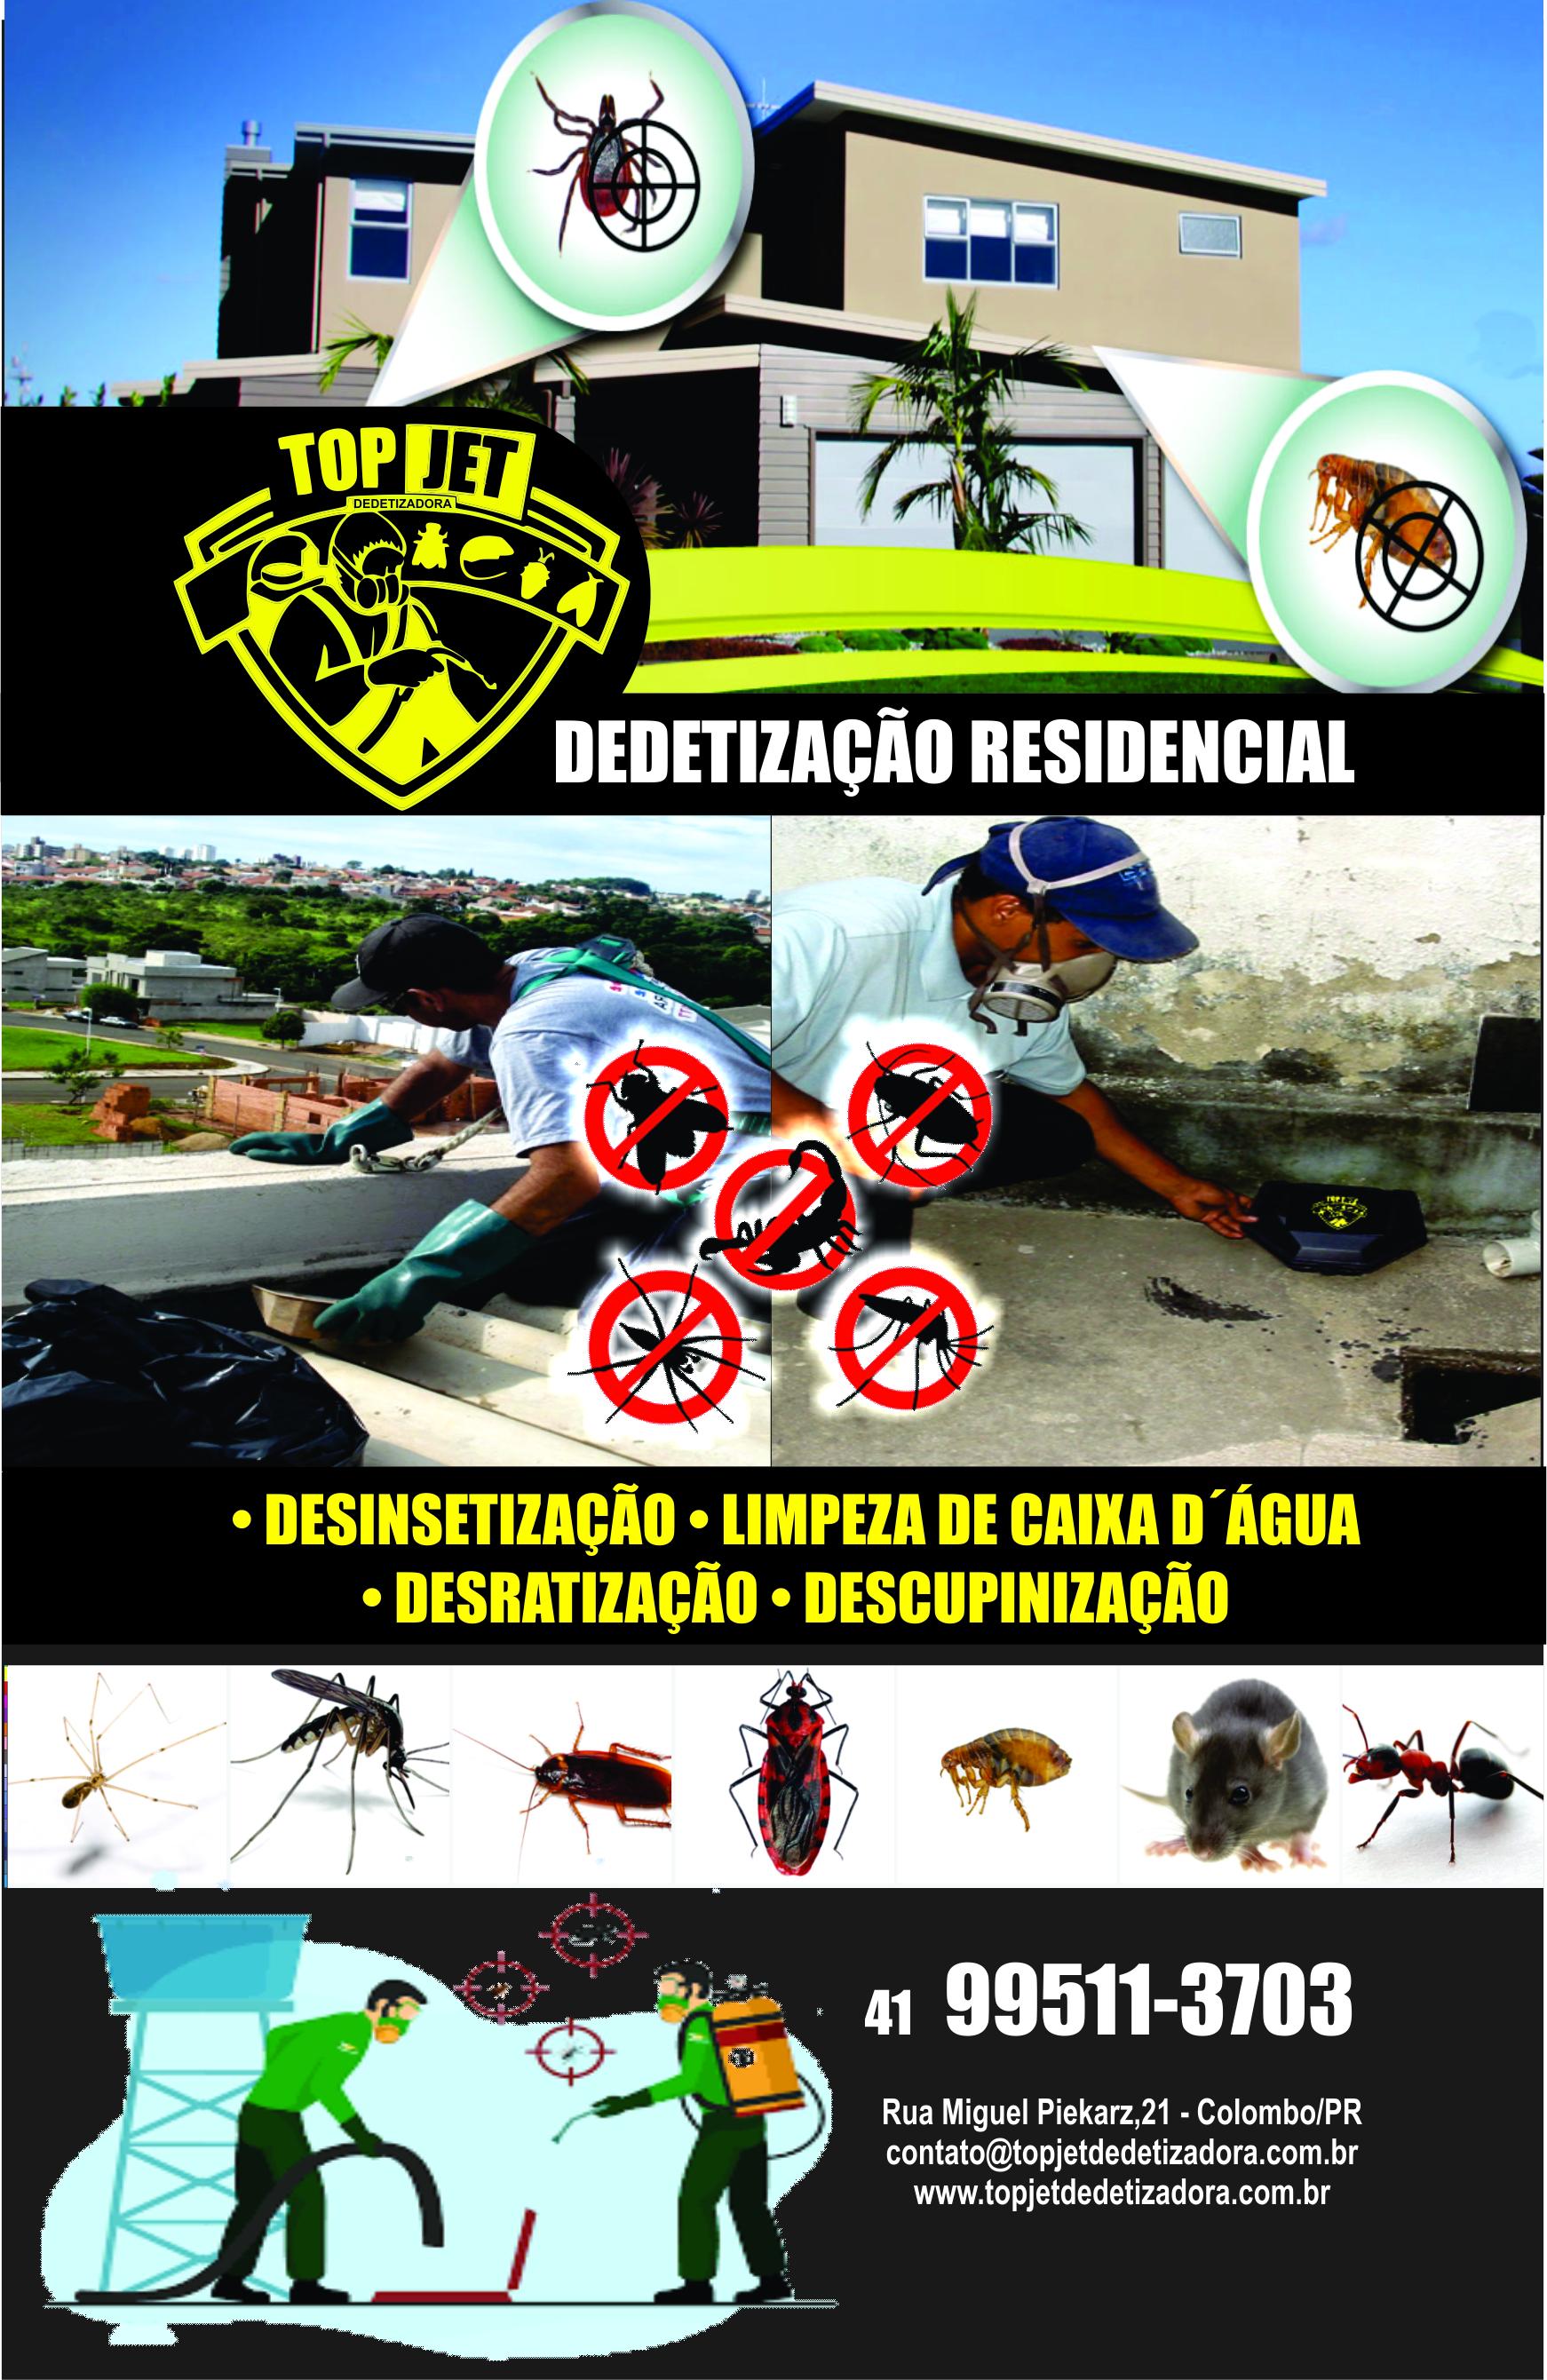 TOPJET Dedetização      RUA MIGUEL PIEKARZ, 21, COLOMBO - PR  Fones: (41) 3666-3852 / (41) 99511-3703